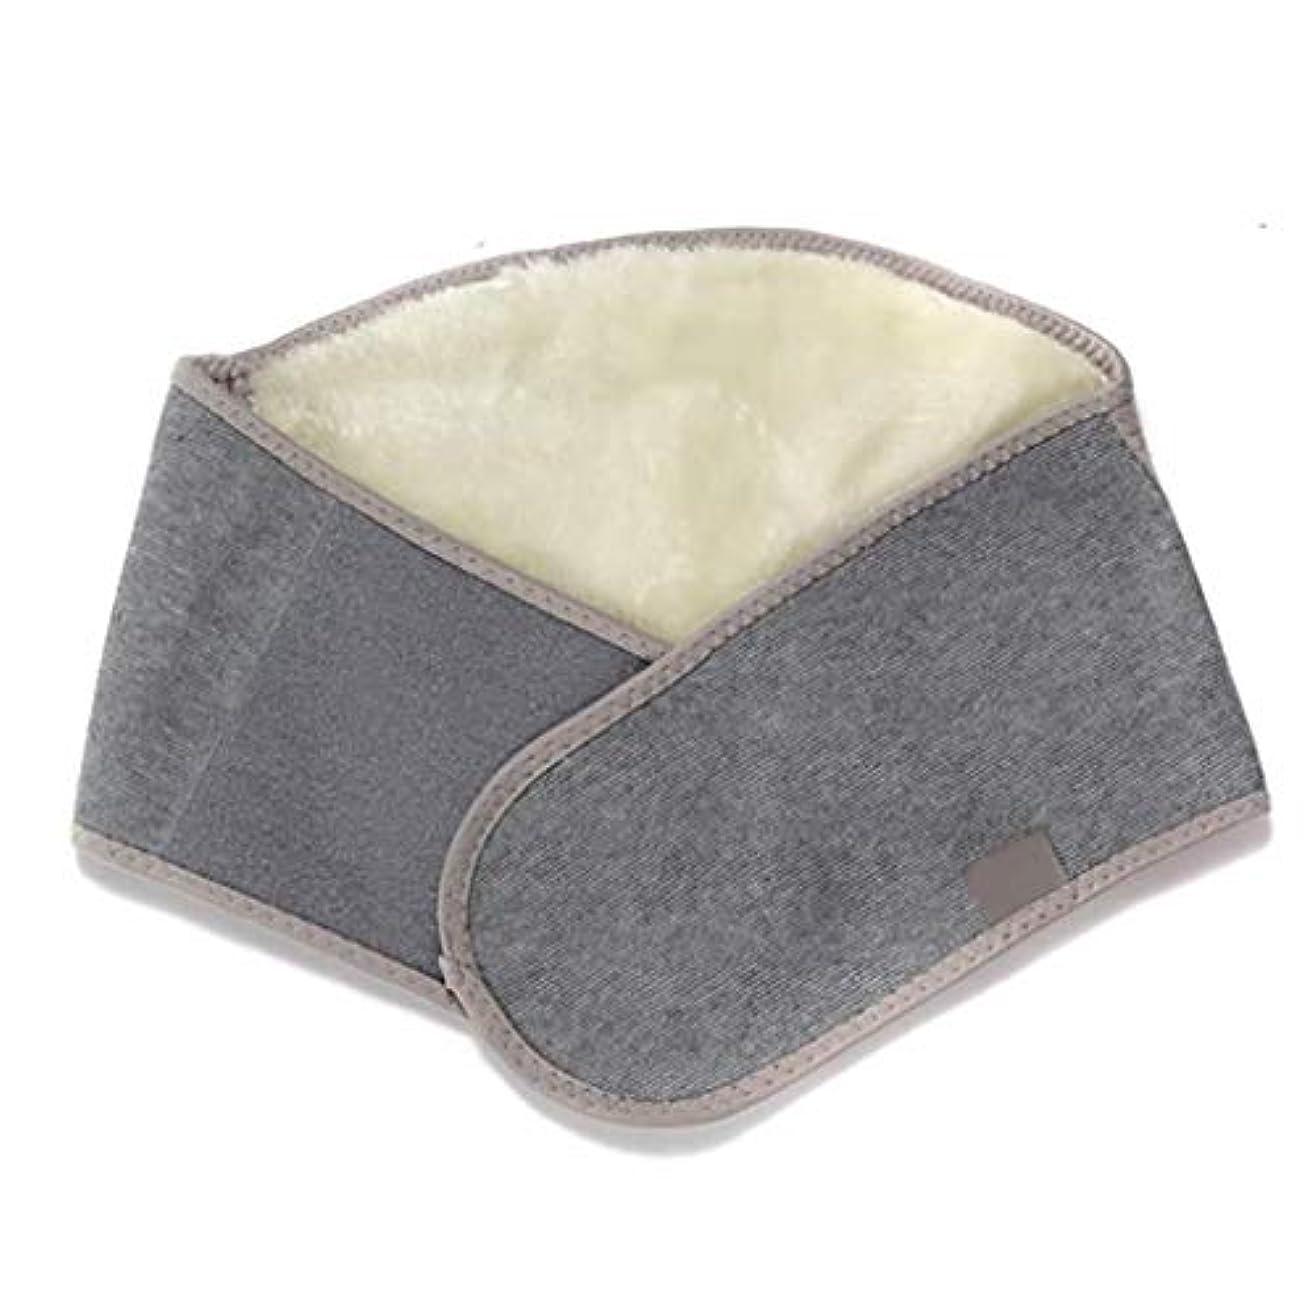 嬉しいです少なくともおそらく戻る/腰サポートベルト、竹炭カシミヤベルト背面通気性を温め、痛みや防ぐ傷害を和らげます